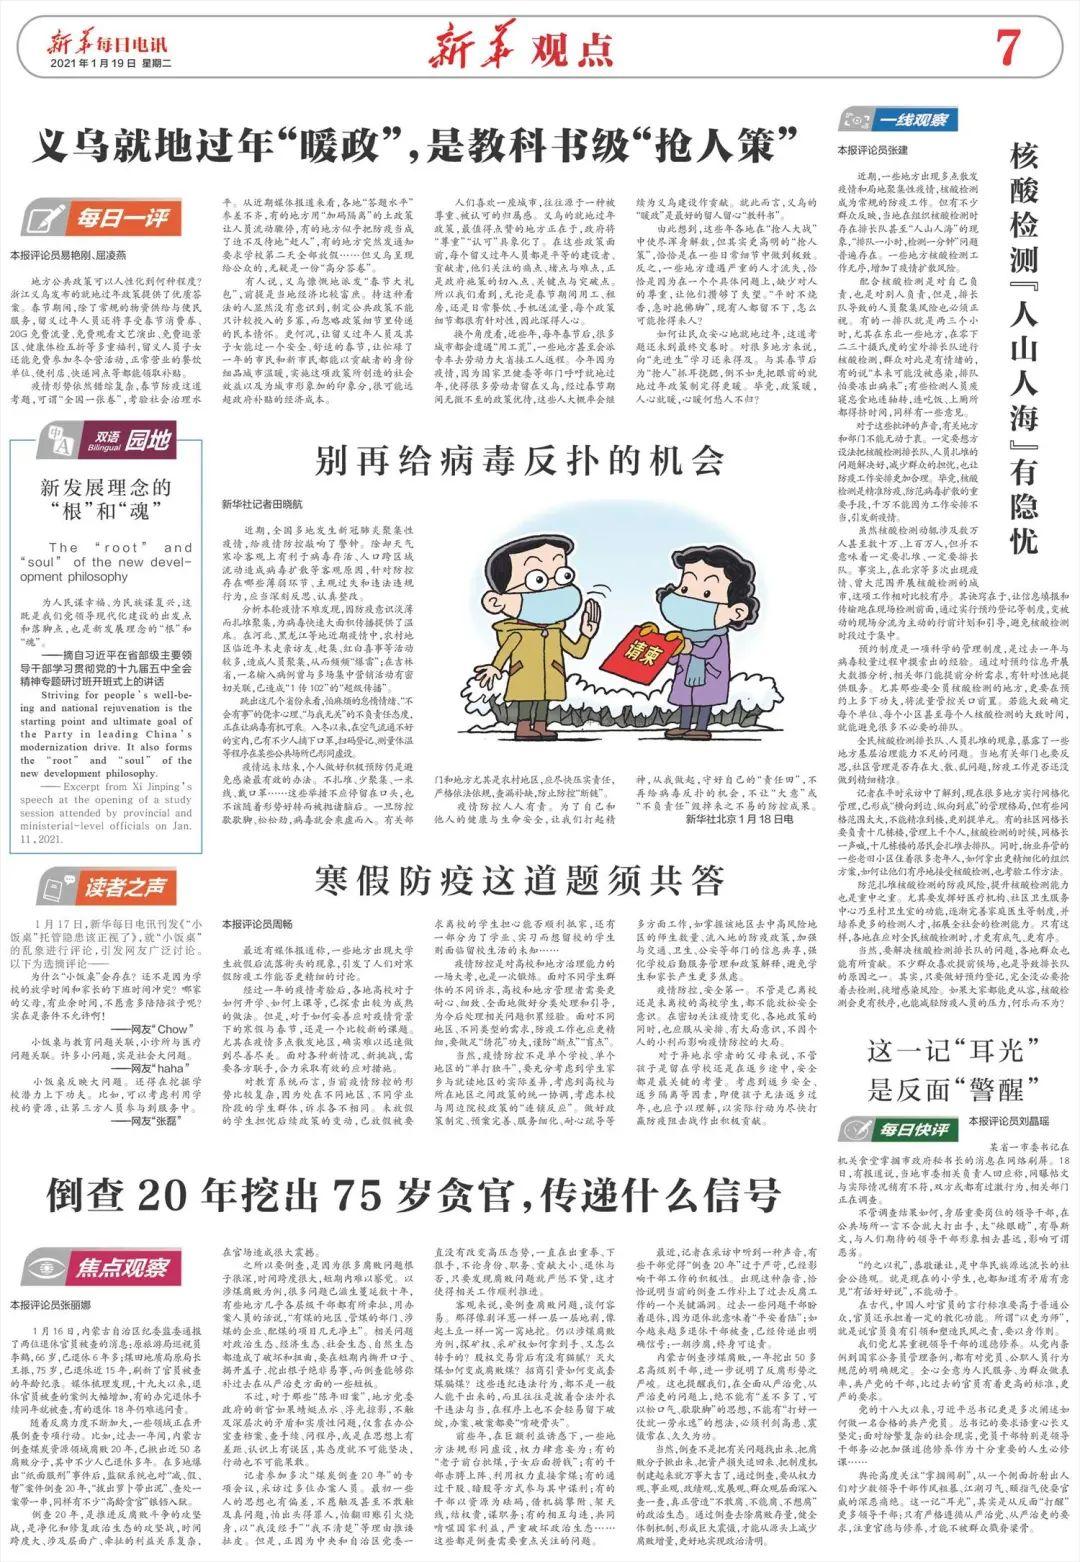 黄舒骏的个人资料_提交百度_胡洁简介